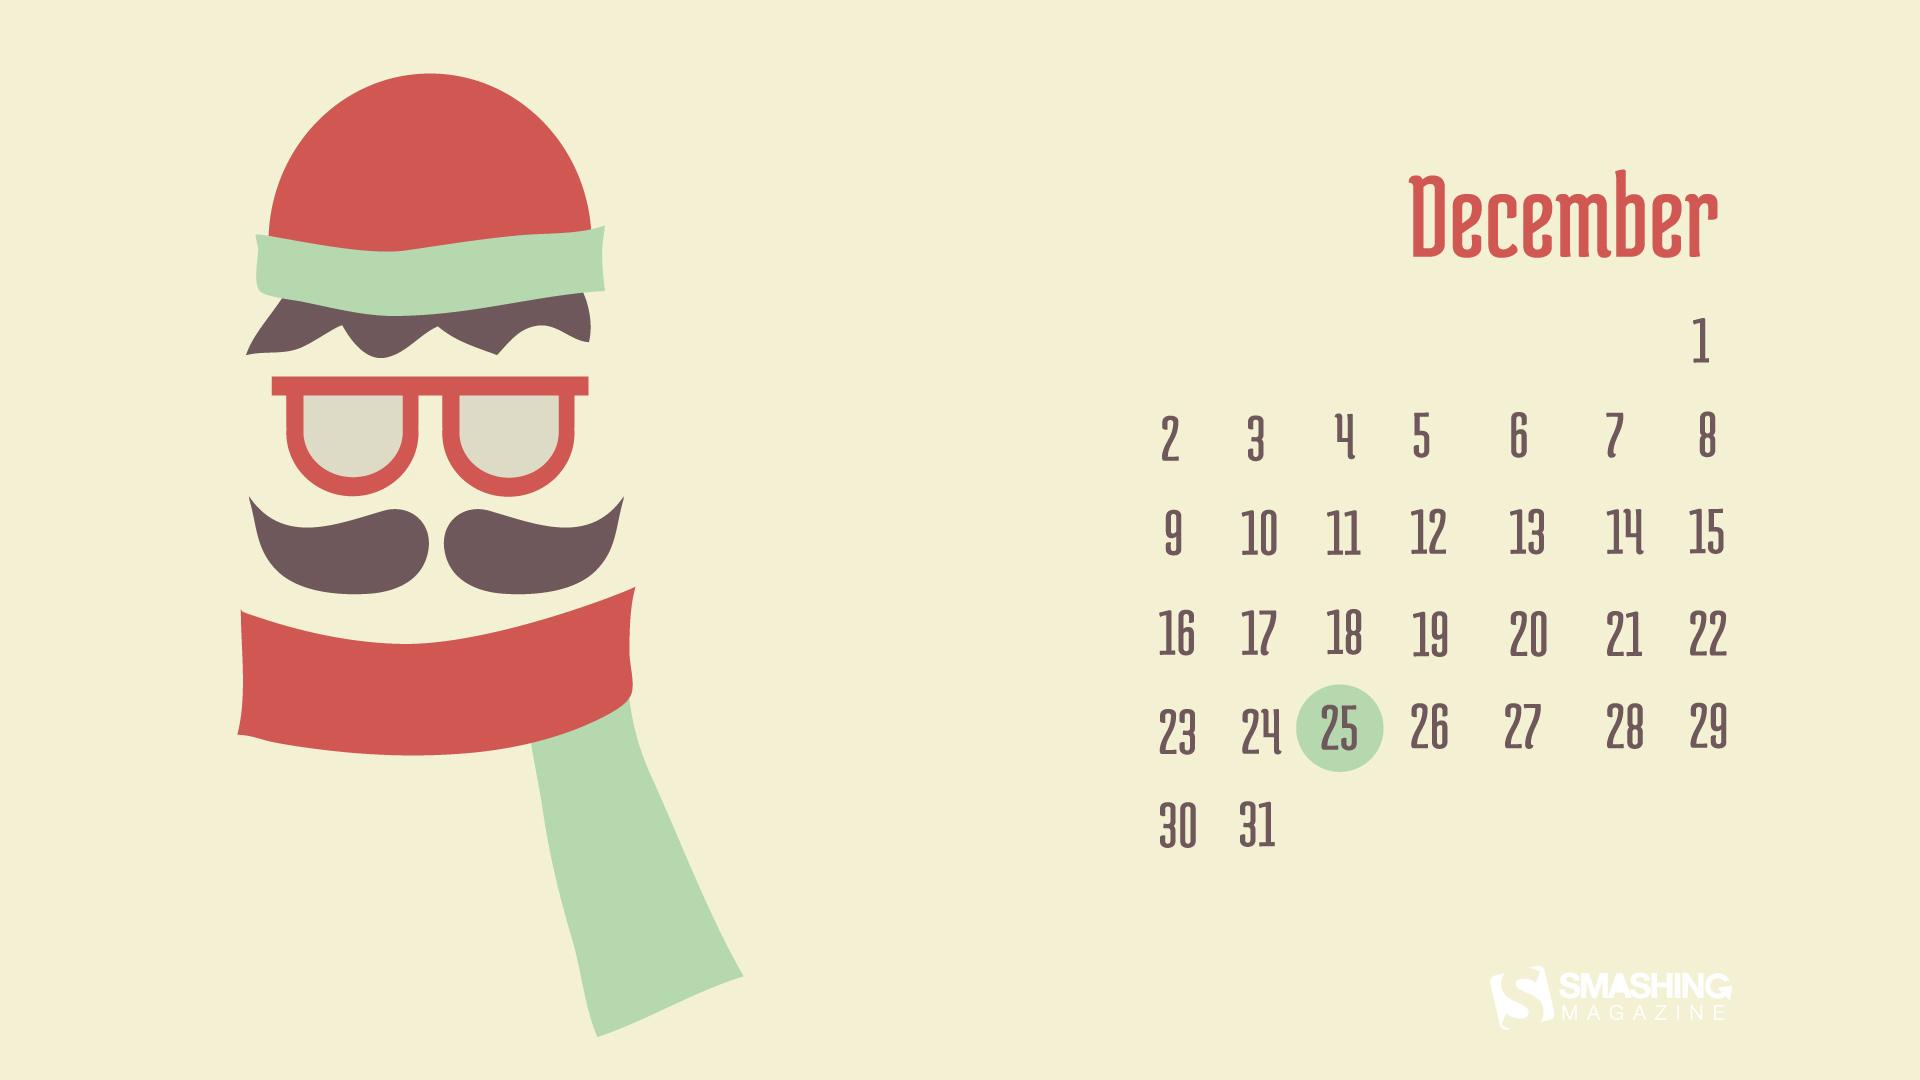 Starfall calendar 2011 august calendar template 2016